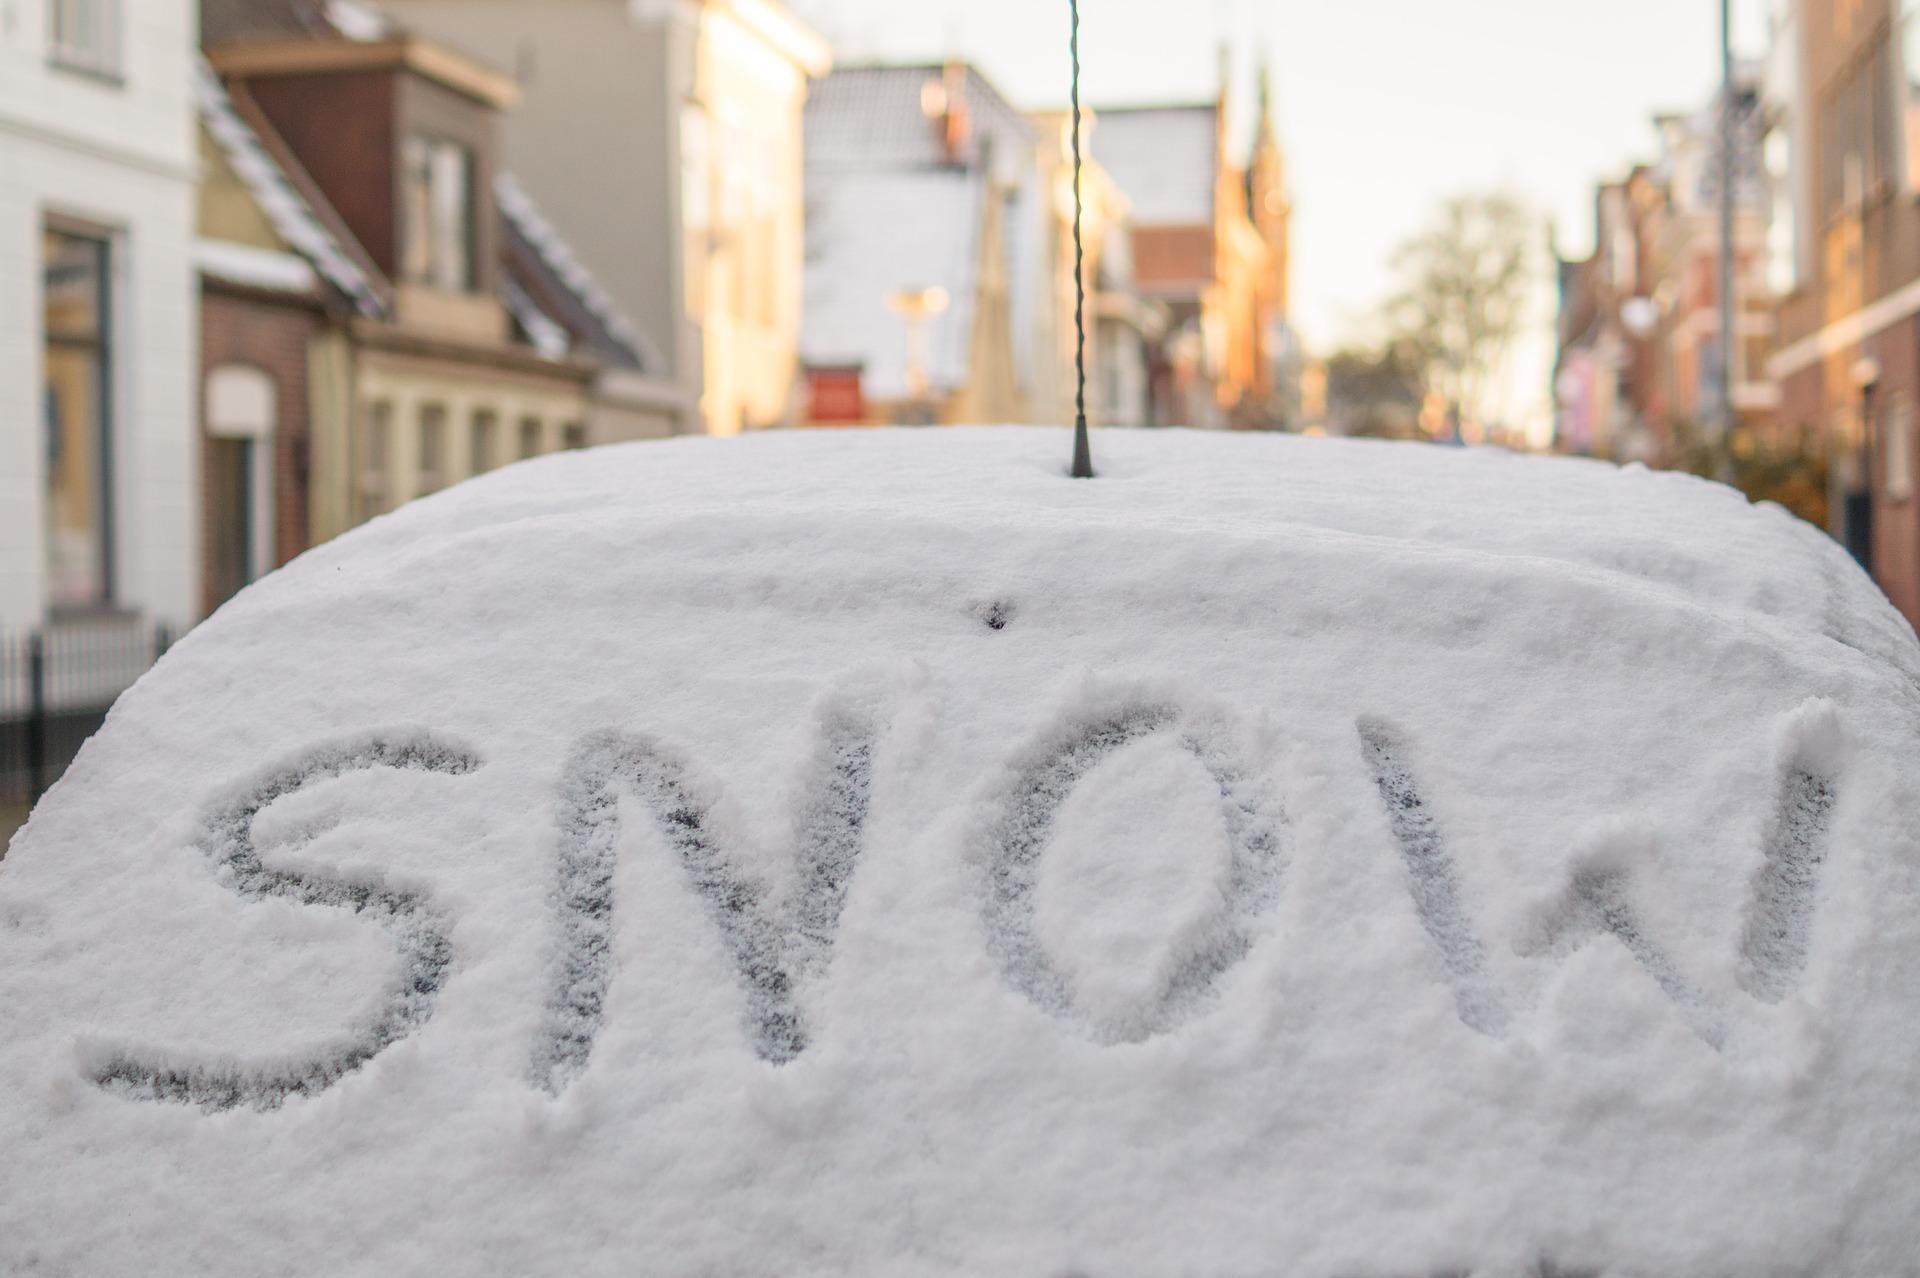 word on fallen snow